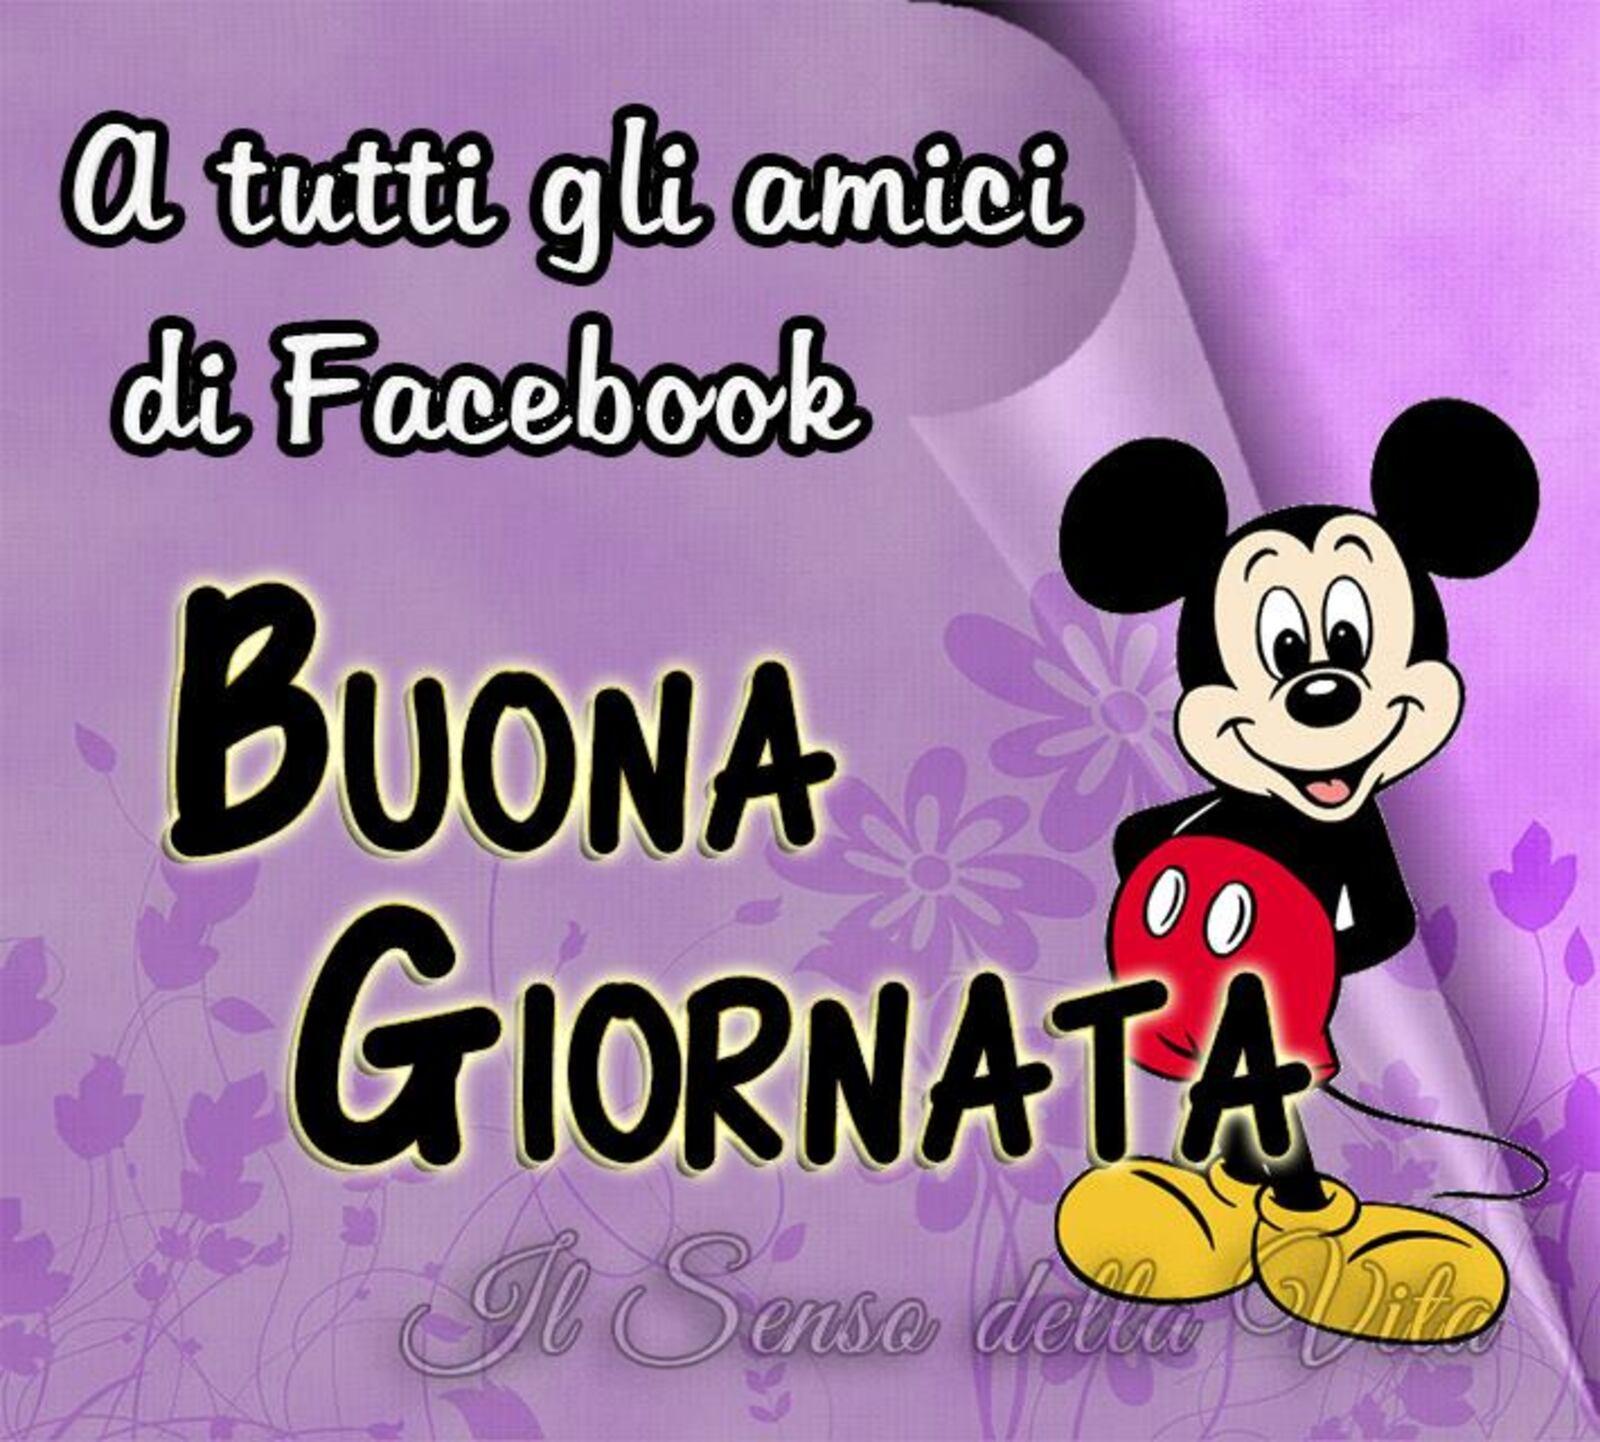 A tutti gli amici di Facebook Buona Giornata